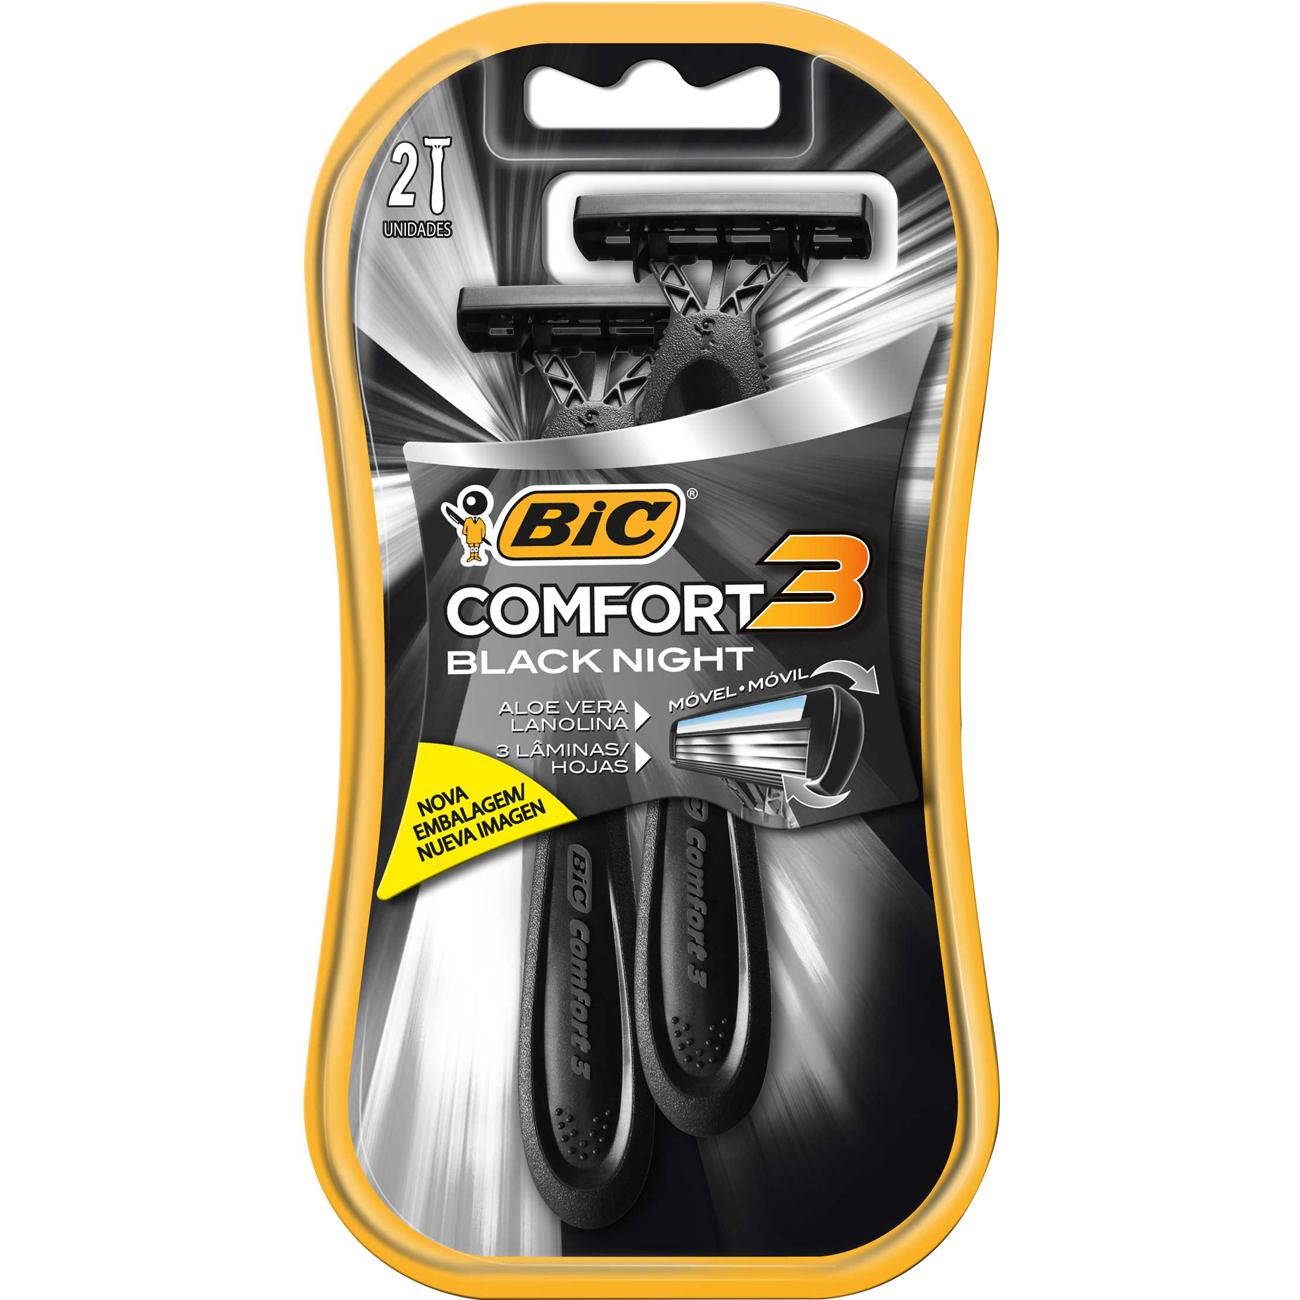 Aparador Bic Comfort 3 2Un Black Night